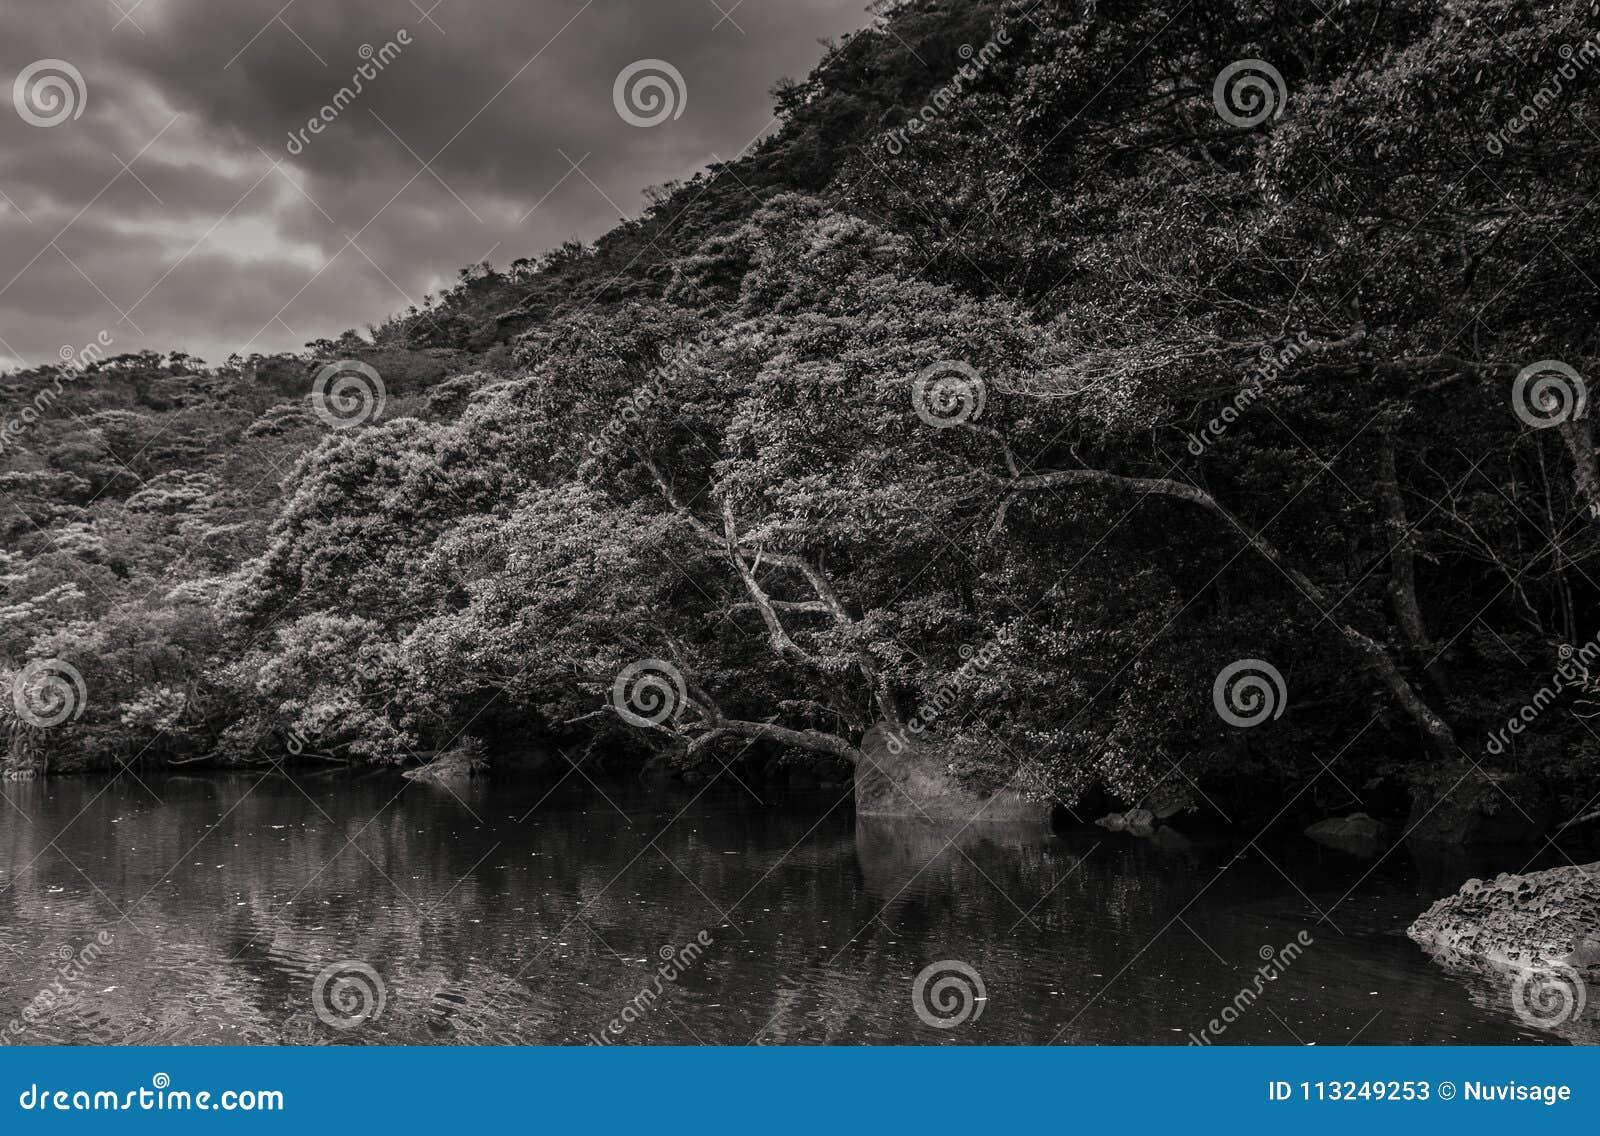 Okinawa japan beautiful scenery of urauchi river mangrove forest in black and white iriomote island